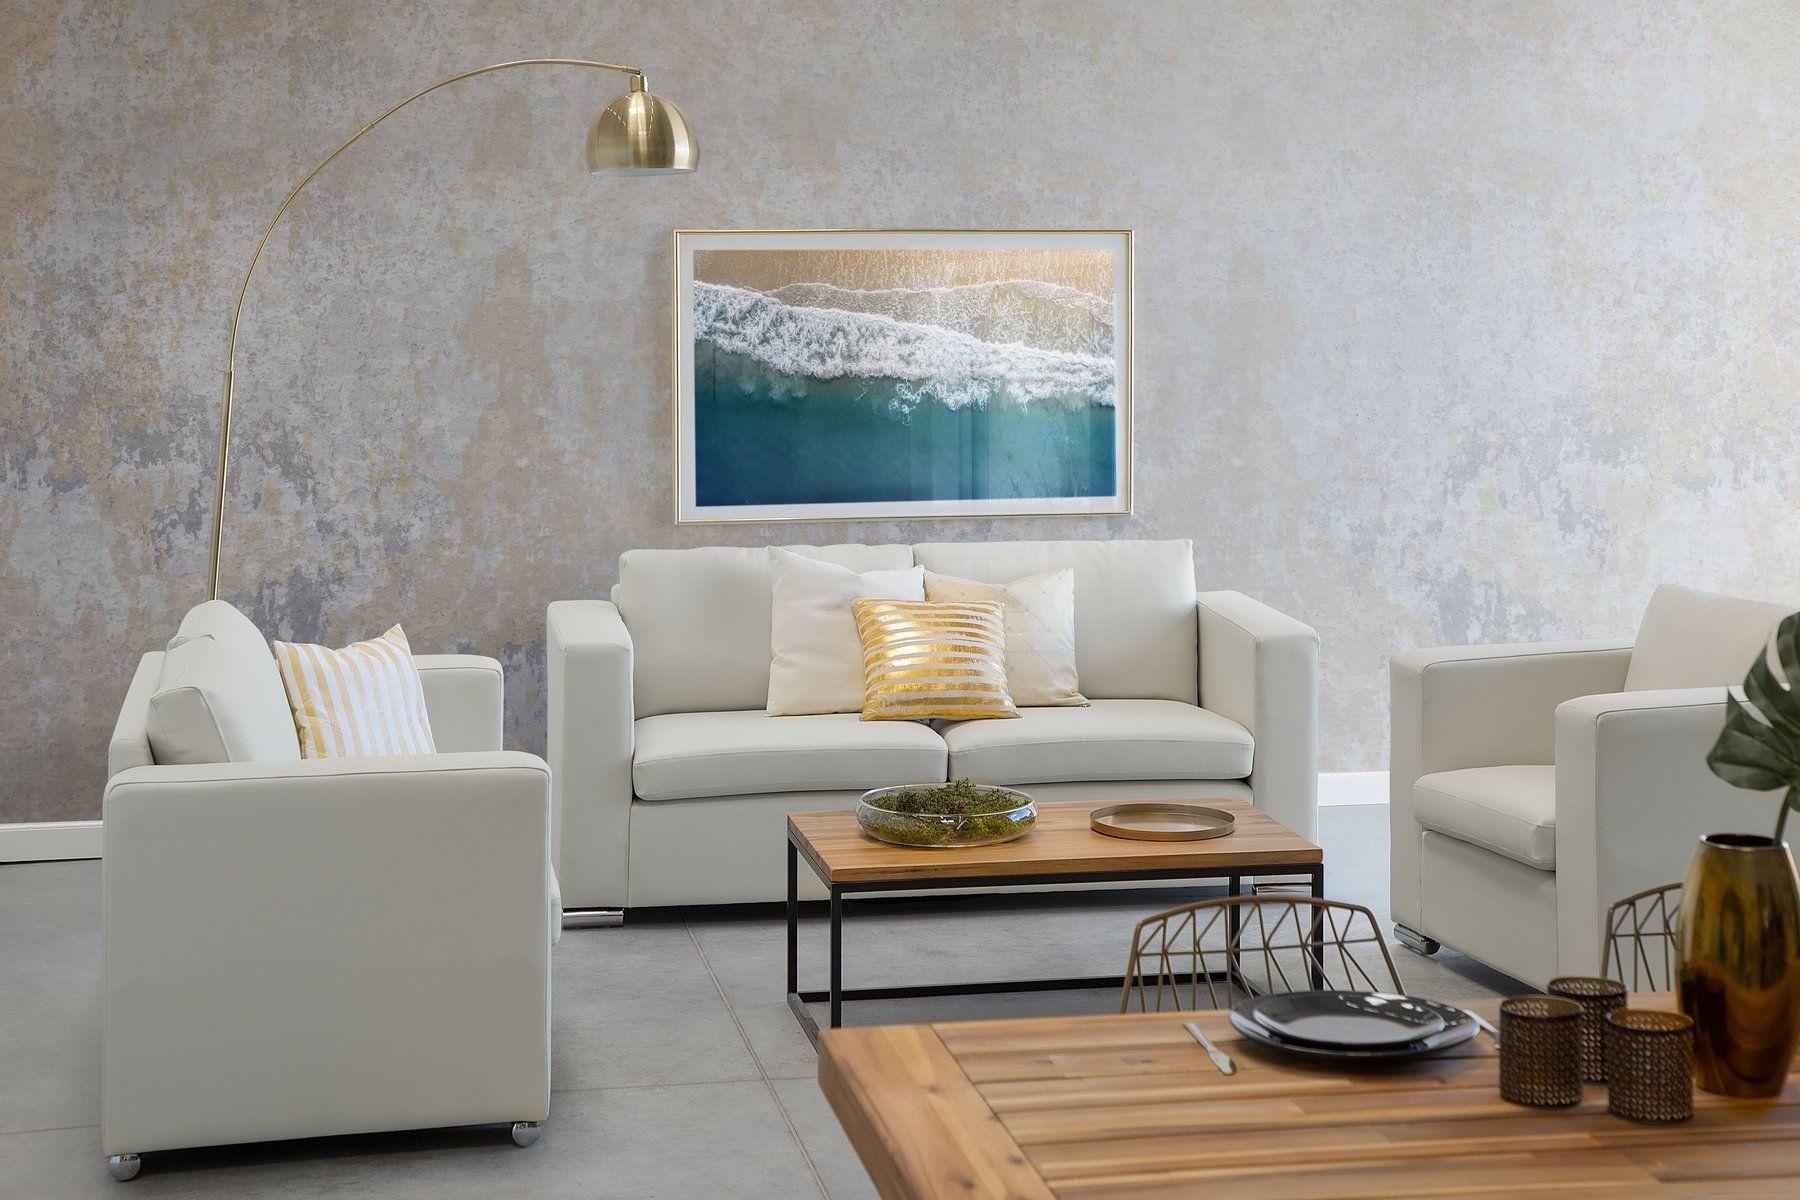 2 Sitzer Sofa Leder Beige Helsinki Outdoor Furniture Sets Home Furniture Sets